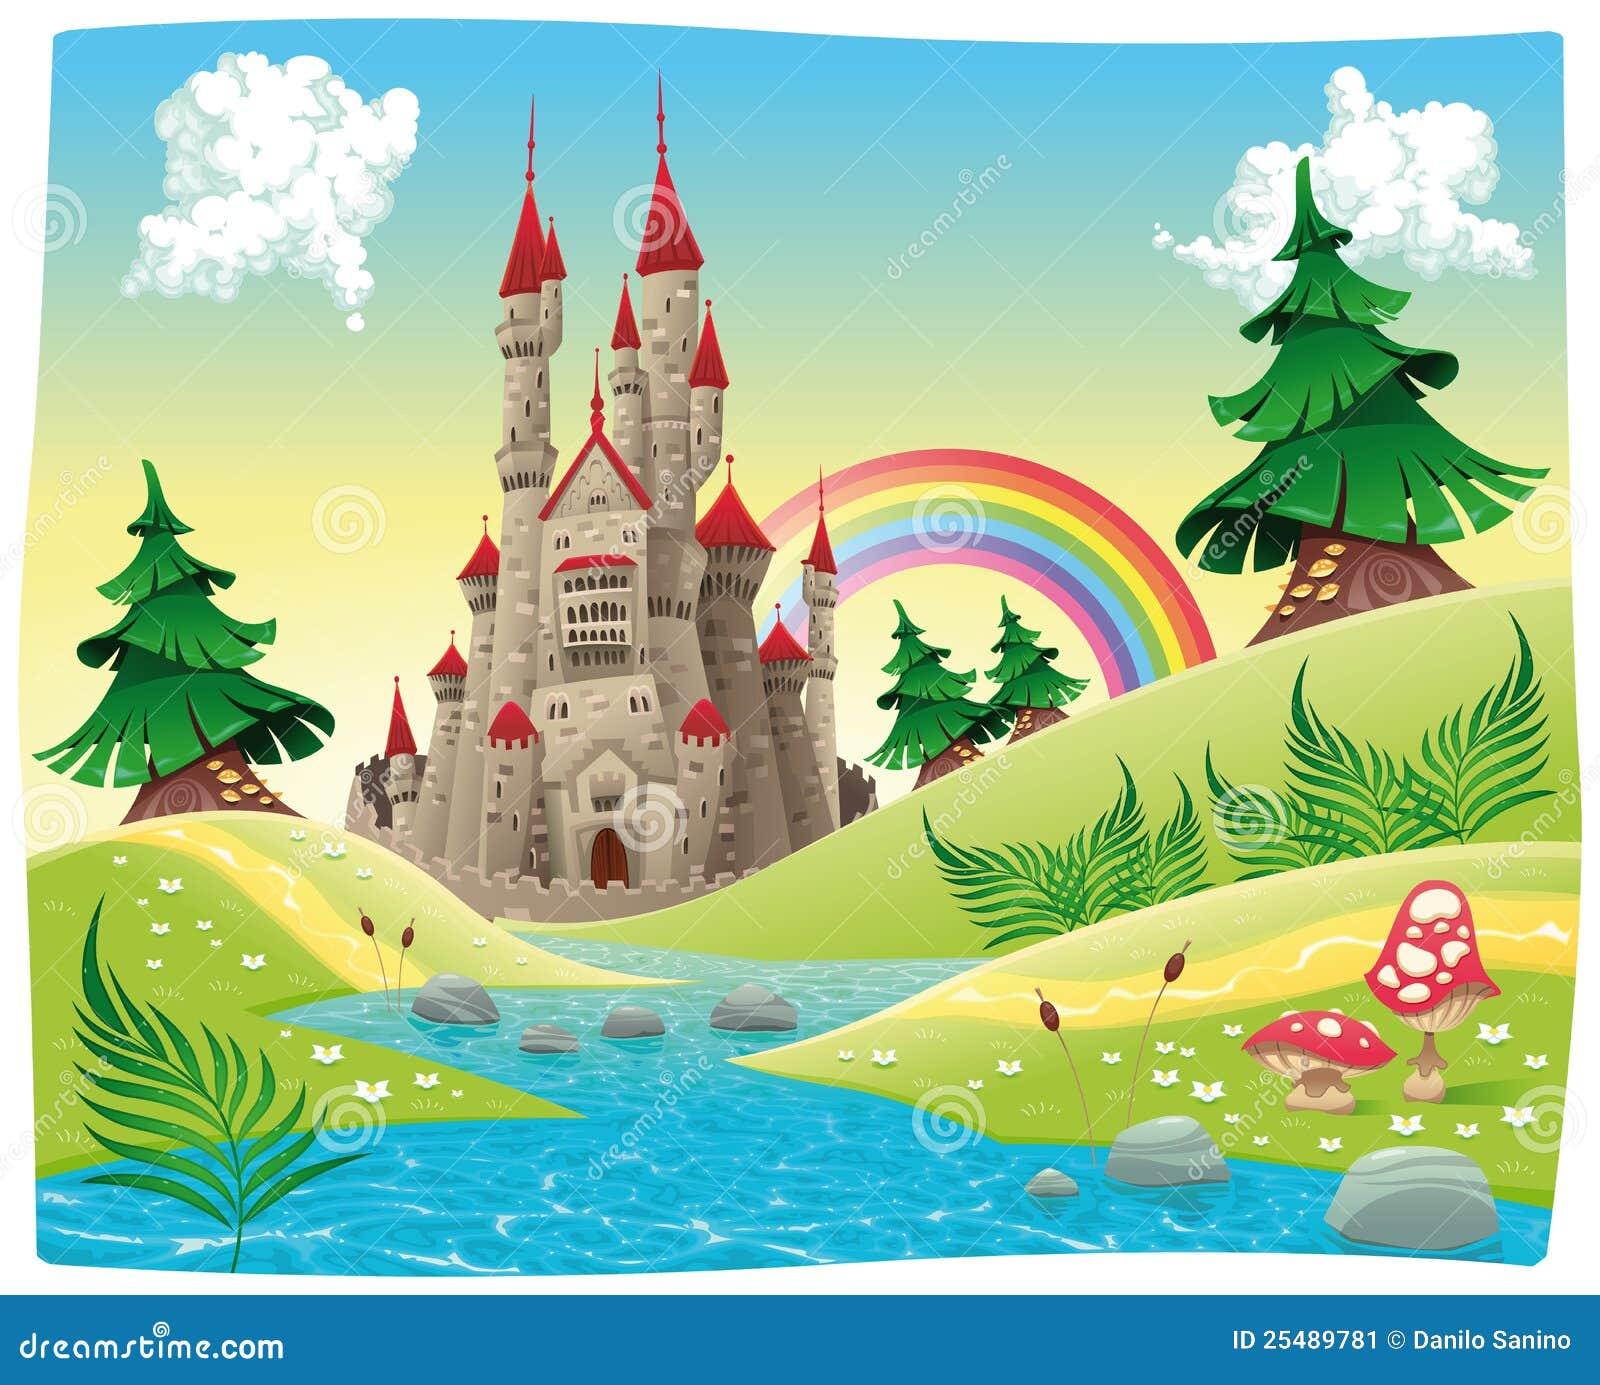 Panorama con el castillo.